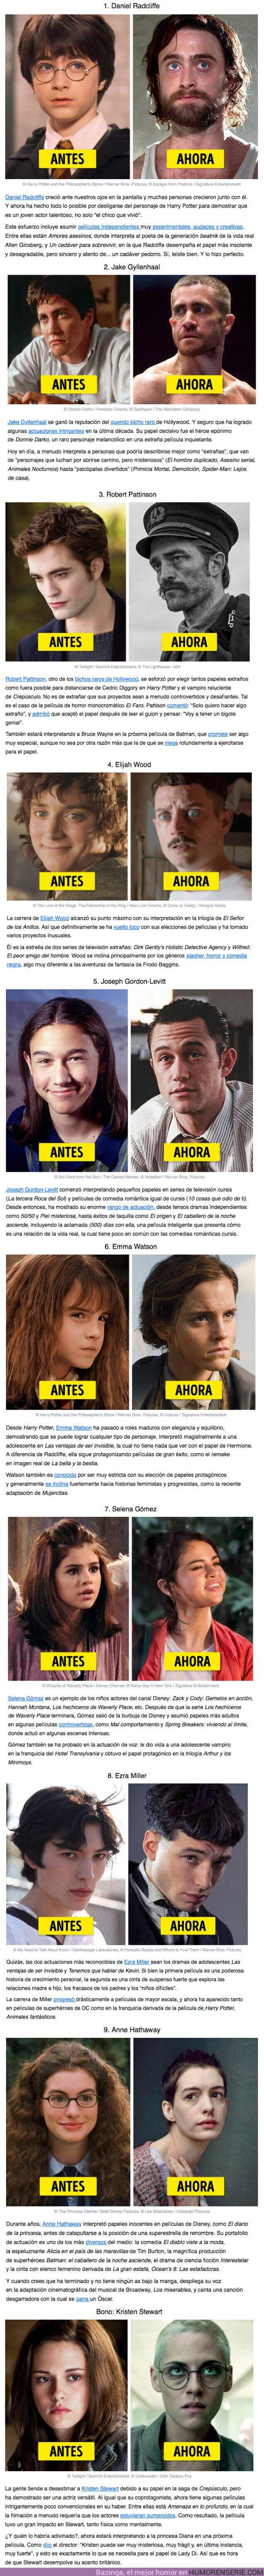 54984 - GALERÍA: 10 actores que han demostrado que no están definidos por sus primeros papeles